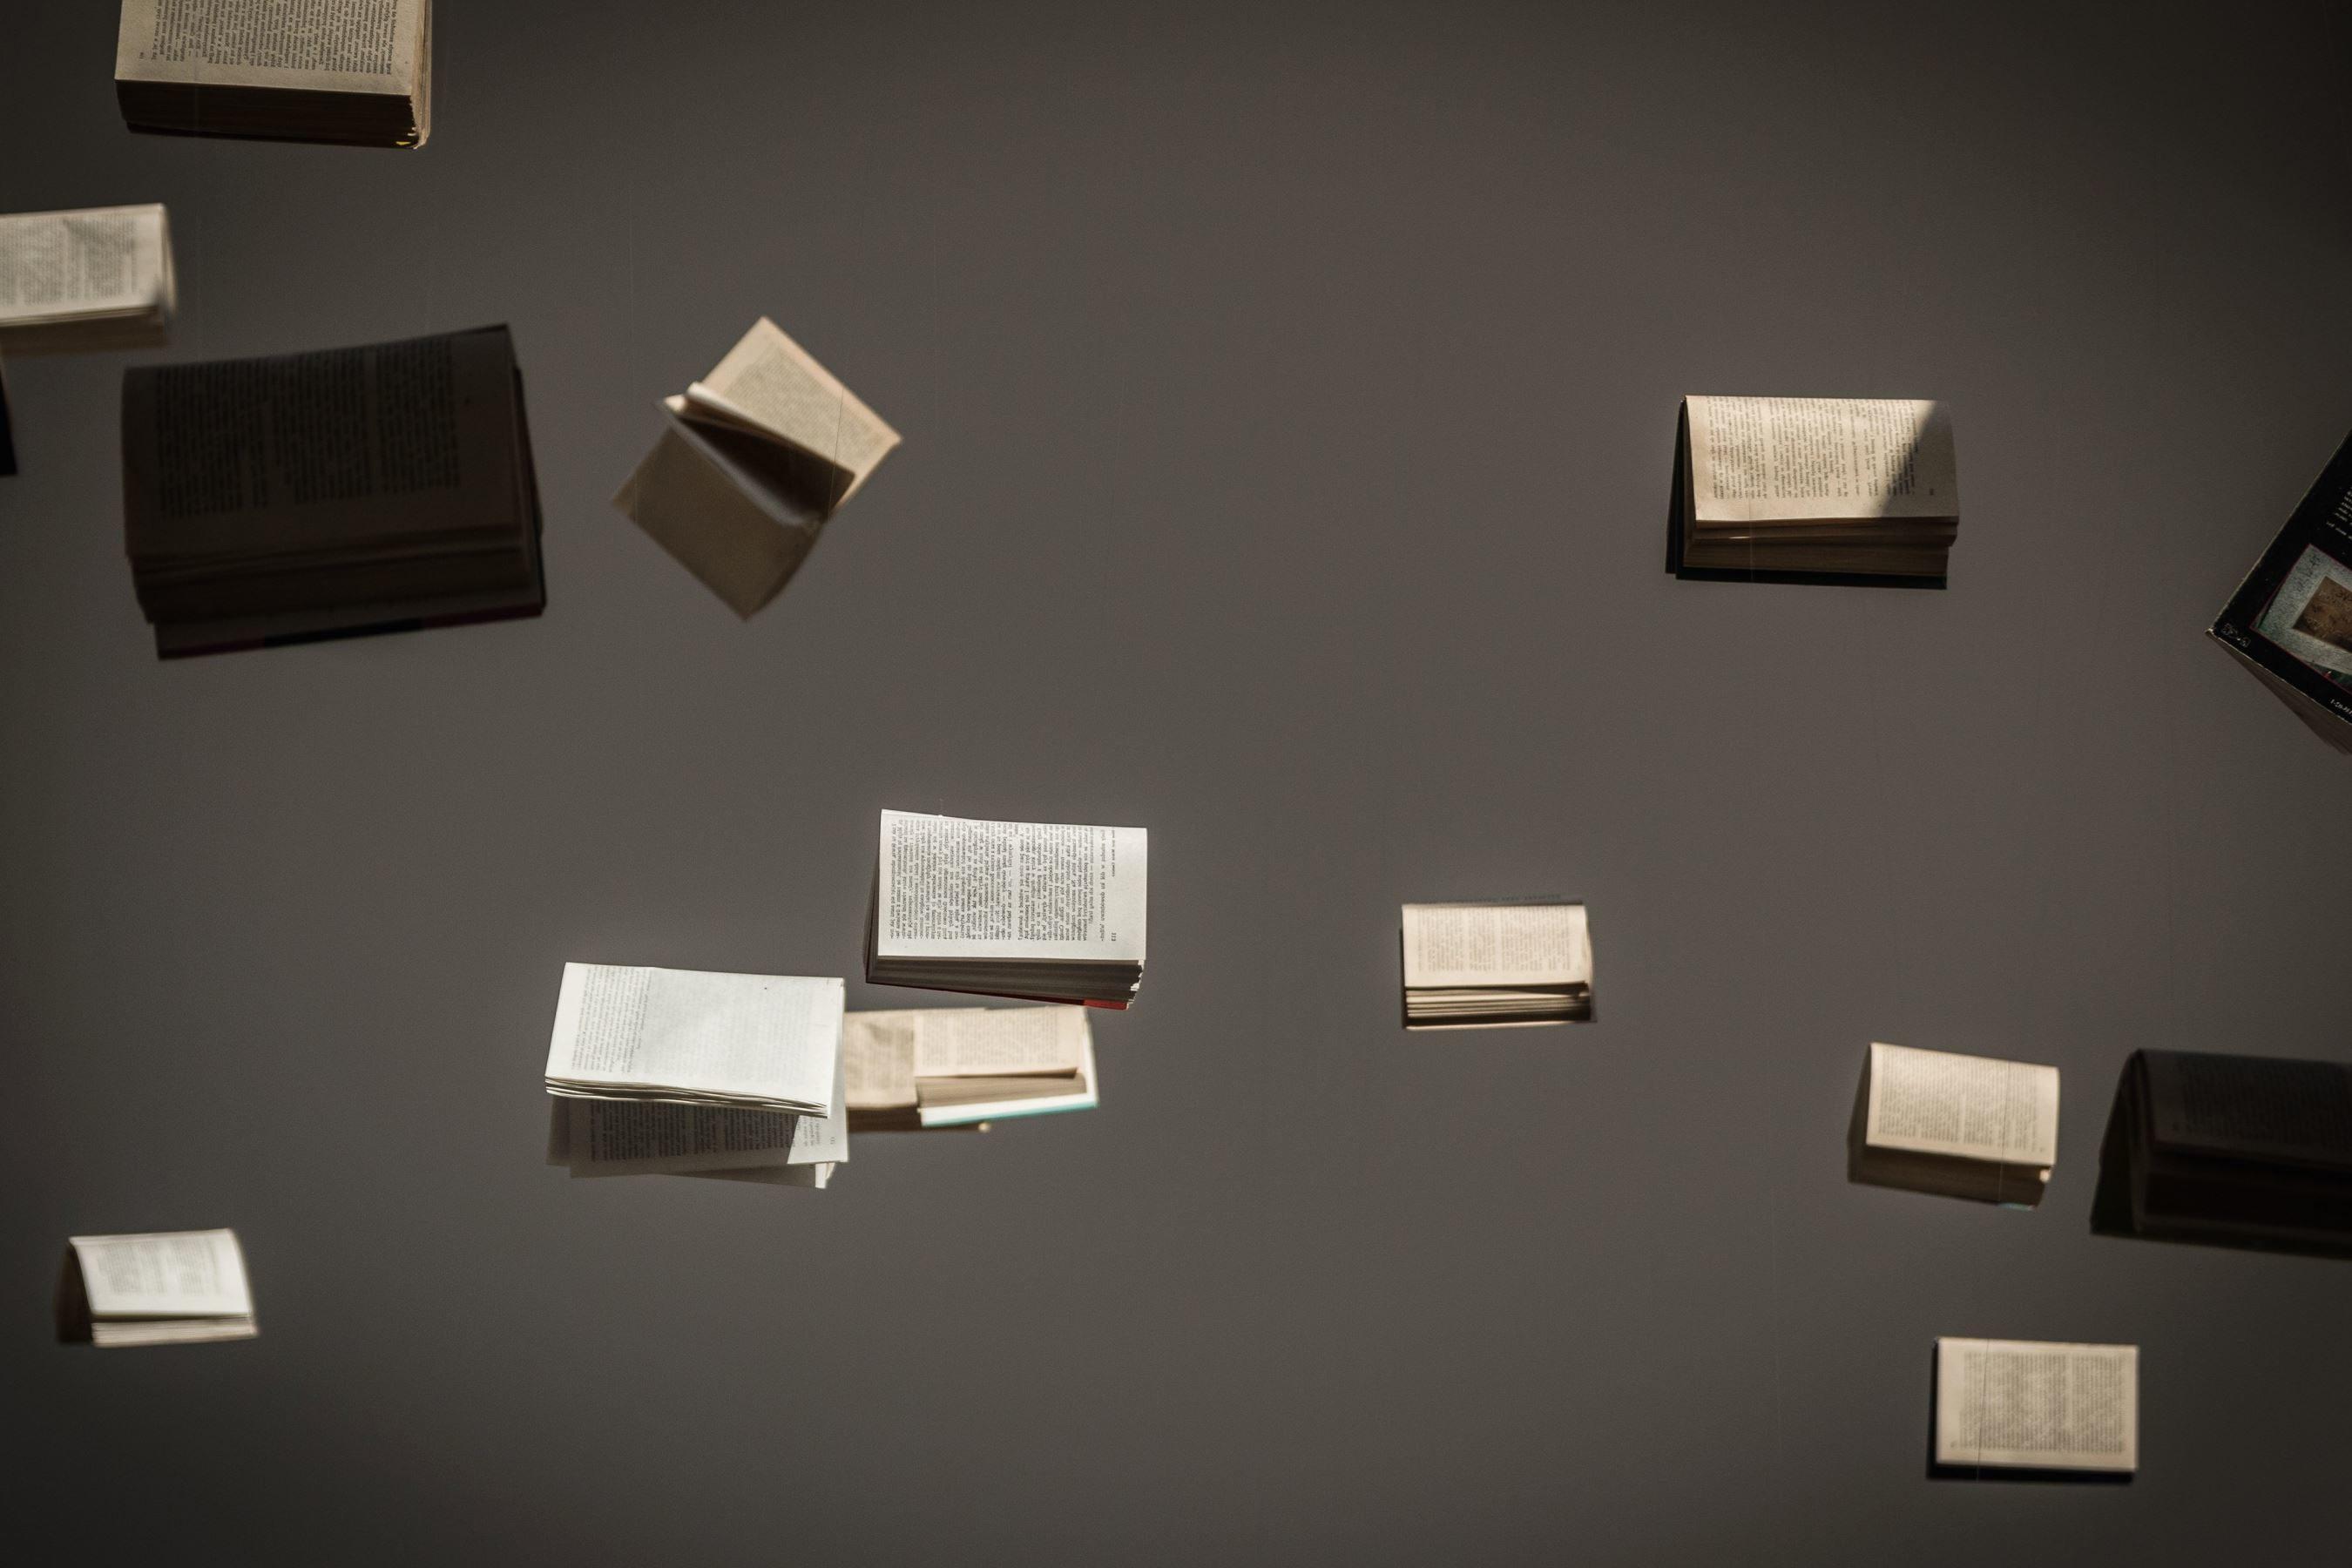 libros arte decoracin novela